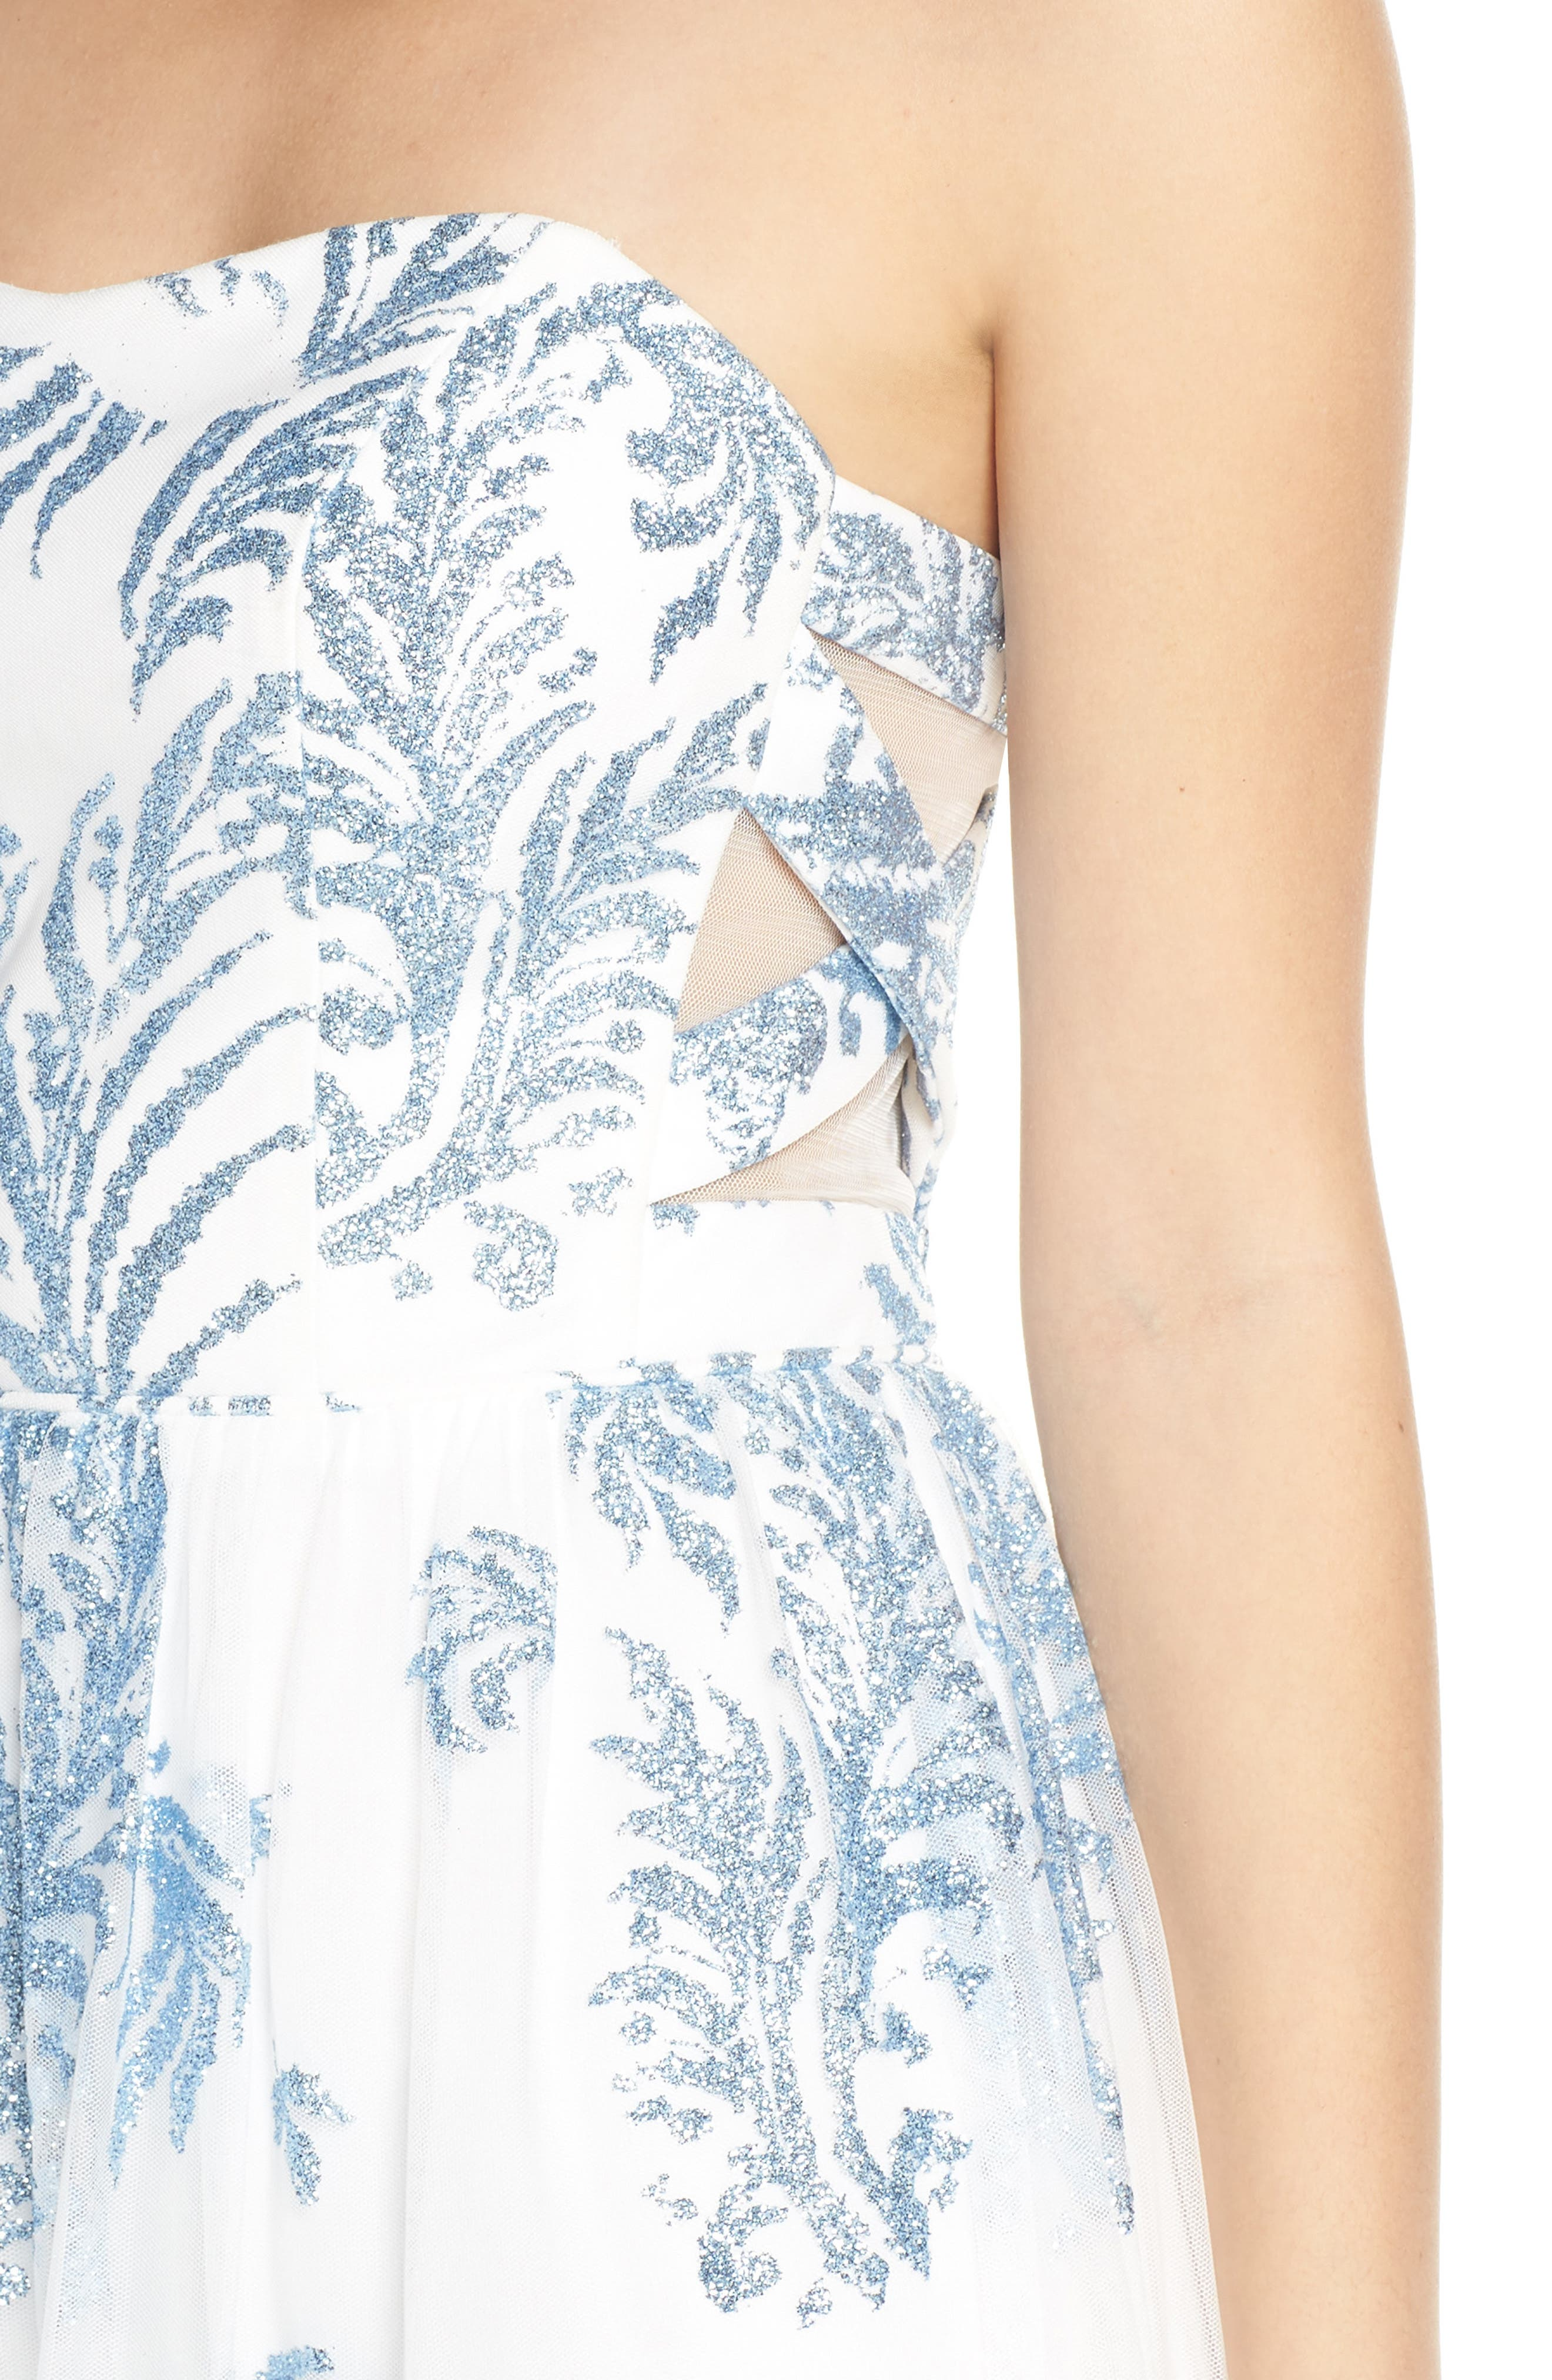 Strapless Glitter Mesh Evening Dress,                             Alternate thumbnail 4, color,                             IVORY/ BLUE